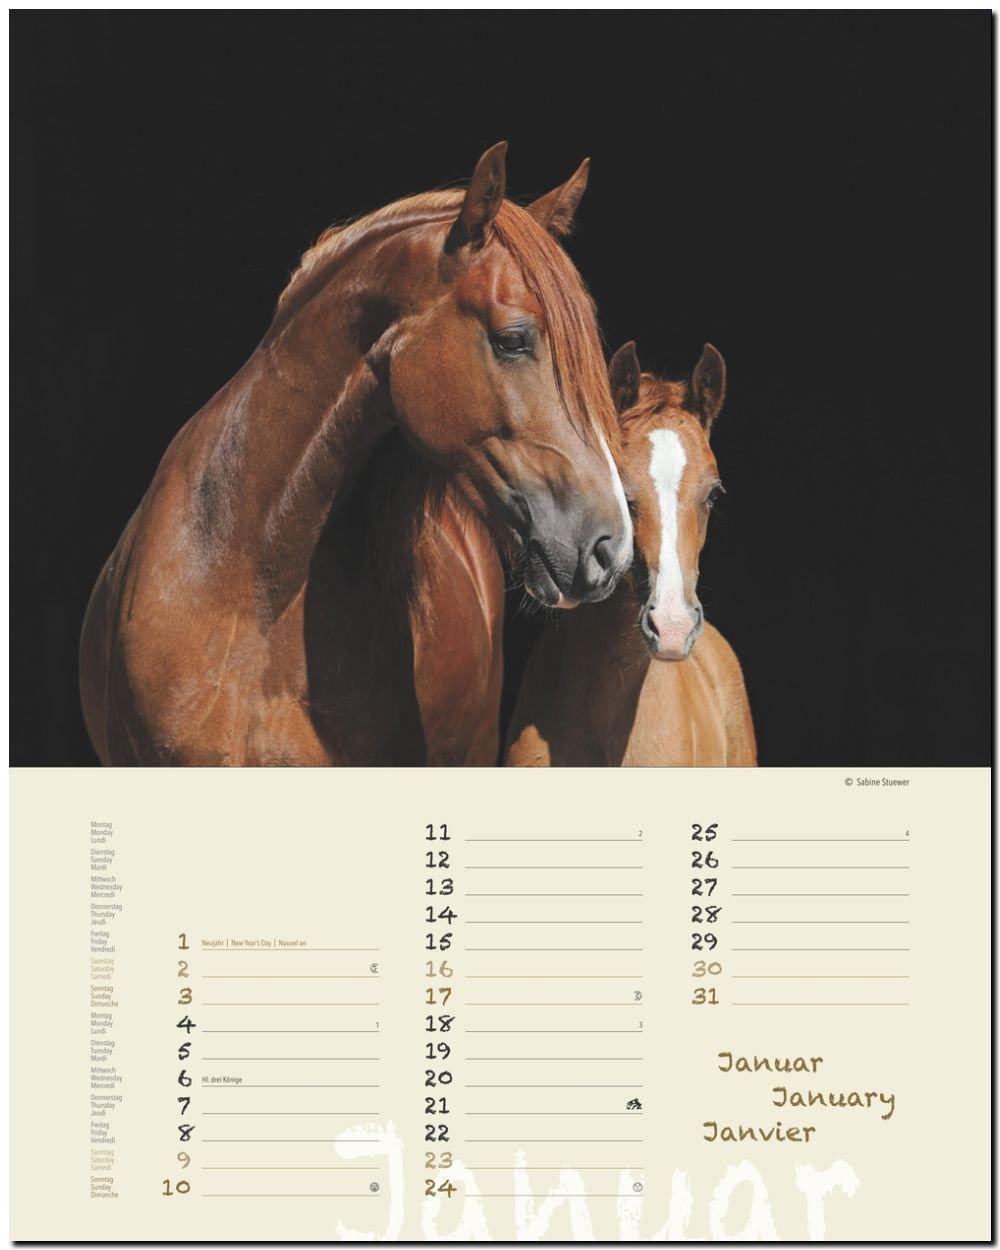 PFERDETRÄUME - Original Stürtz-Kalender 2016 - Hochformat-Kalender 36 x 45  cm mit Platz für Notizen Notiz-Kalender: Amazon.de: Sabine Stuewer: Bücher